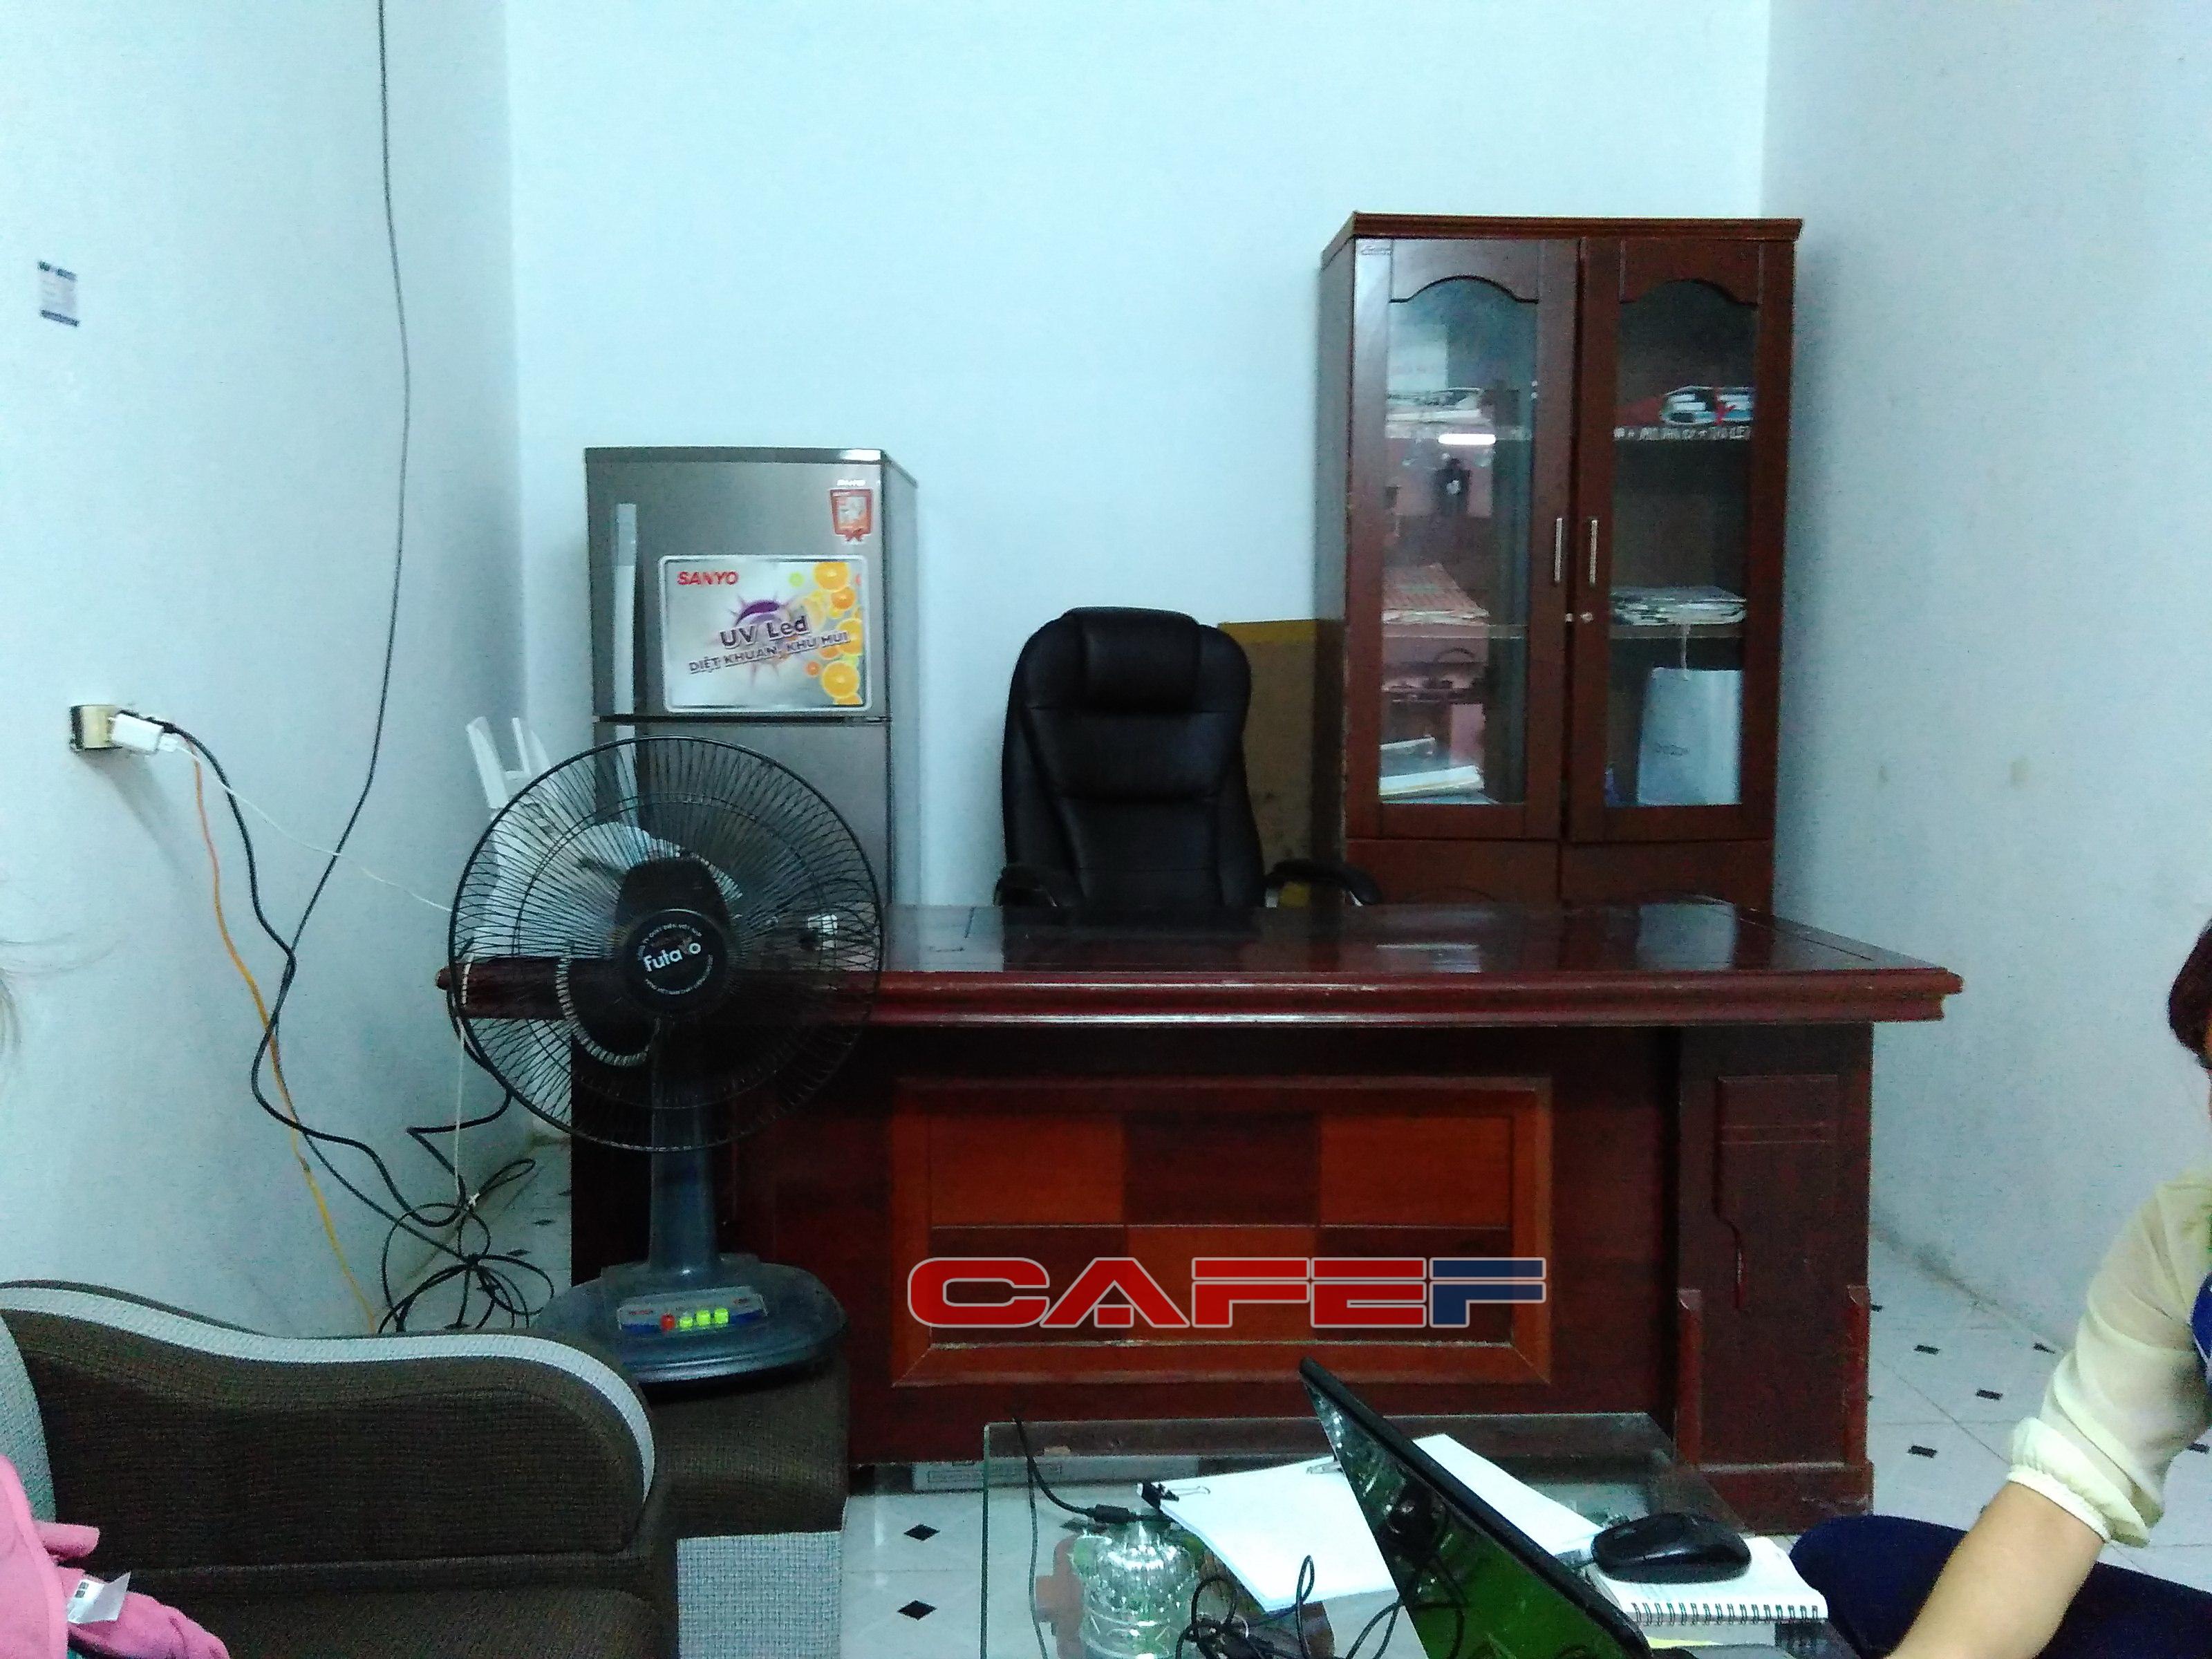 Văn phòng khá nhỏ, chỉ khoảng 10m2